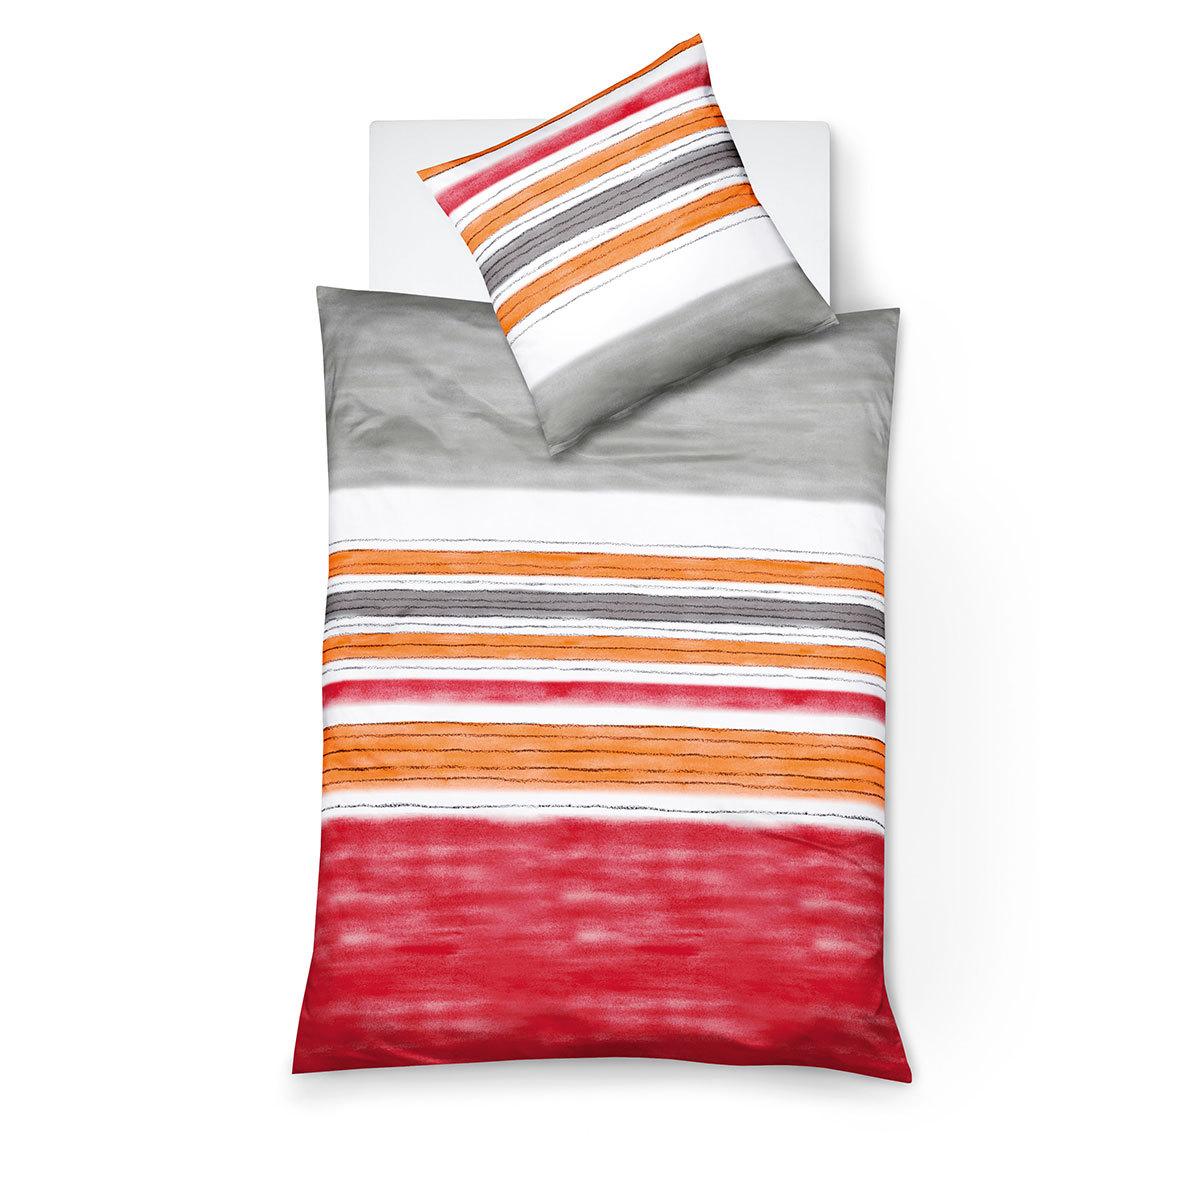 traumschlaf biber bettw sche streifen rot g nstig online kaufen bei bettwaren shop. Black Bedroom Furniture Sets. Home Design Ideas